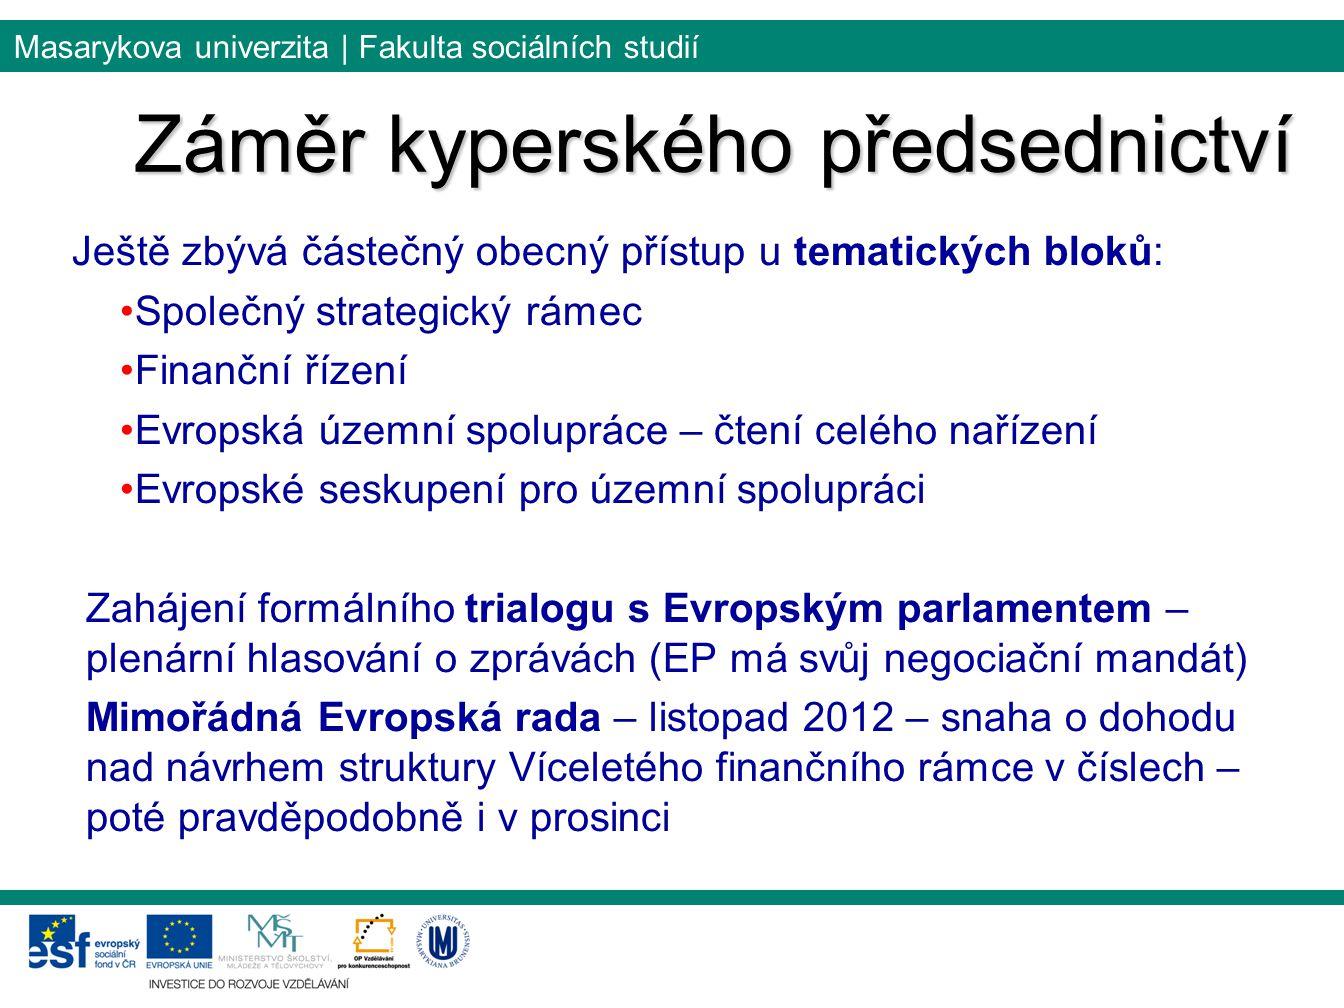 Masarykova univerzita | Fakulta sociálních studií Ještě zbývá částečný obecný přístup u tematických bloků: Společný strategický rámec Finanční řízení